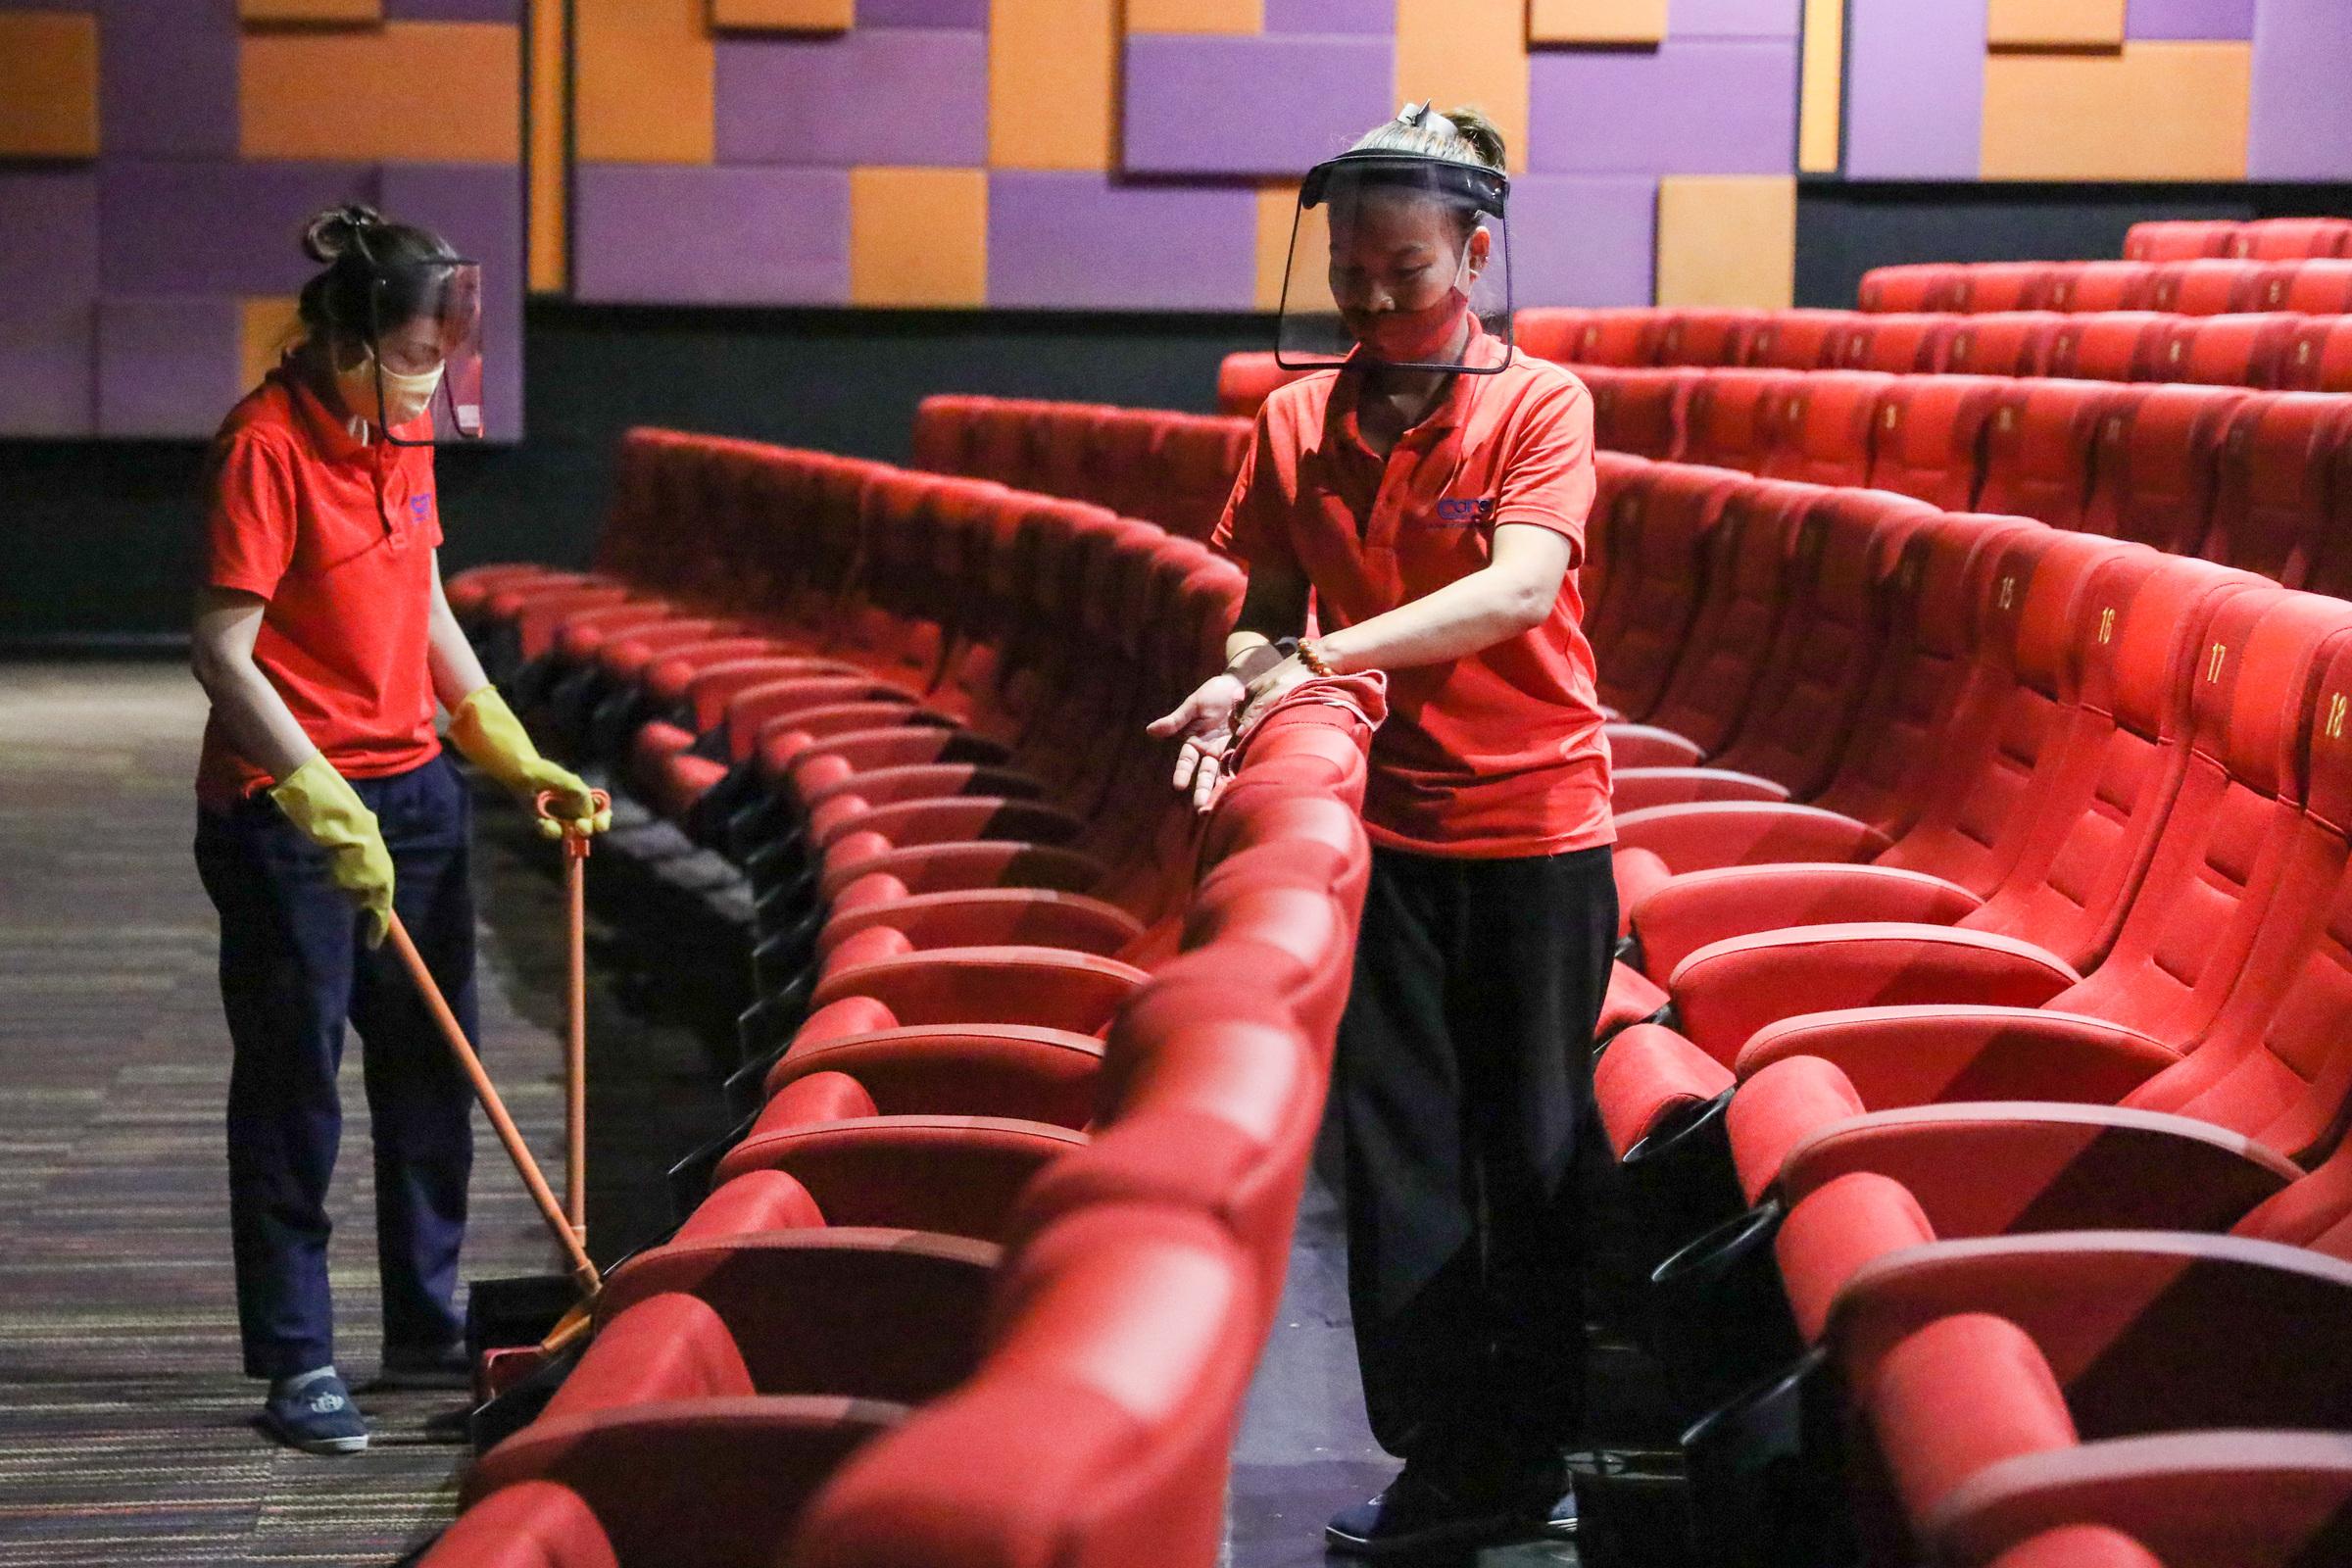 Nhân viên một rạp chiếu phim ở quận 1 dọn dẹp sau khi TP HCM trong giai đoạn đóng cửa vì dịch. Ảnh: Quỳnh Trần